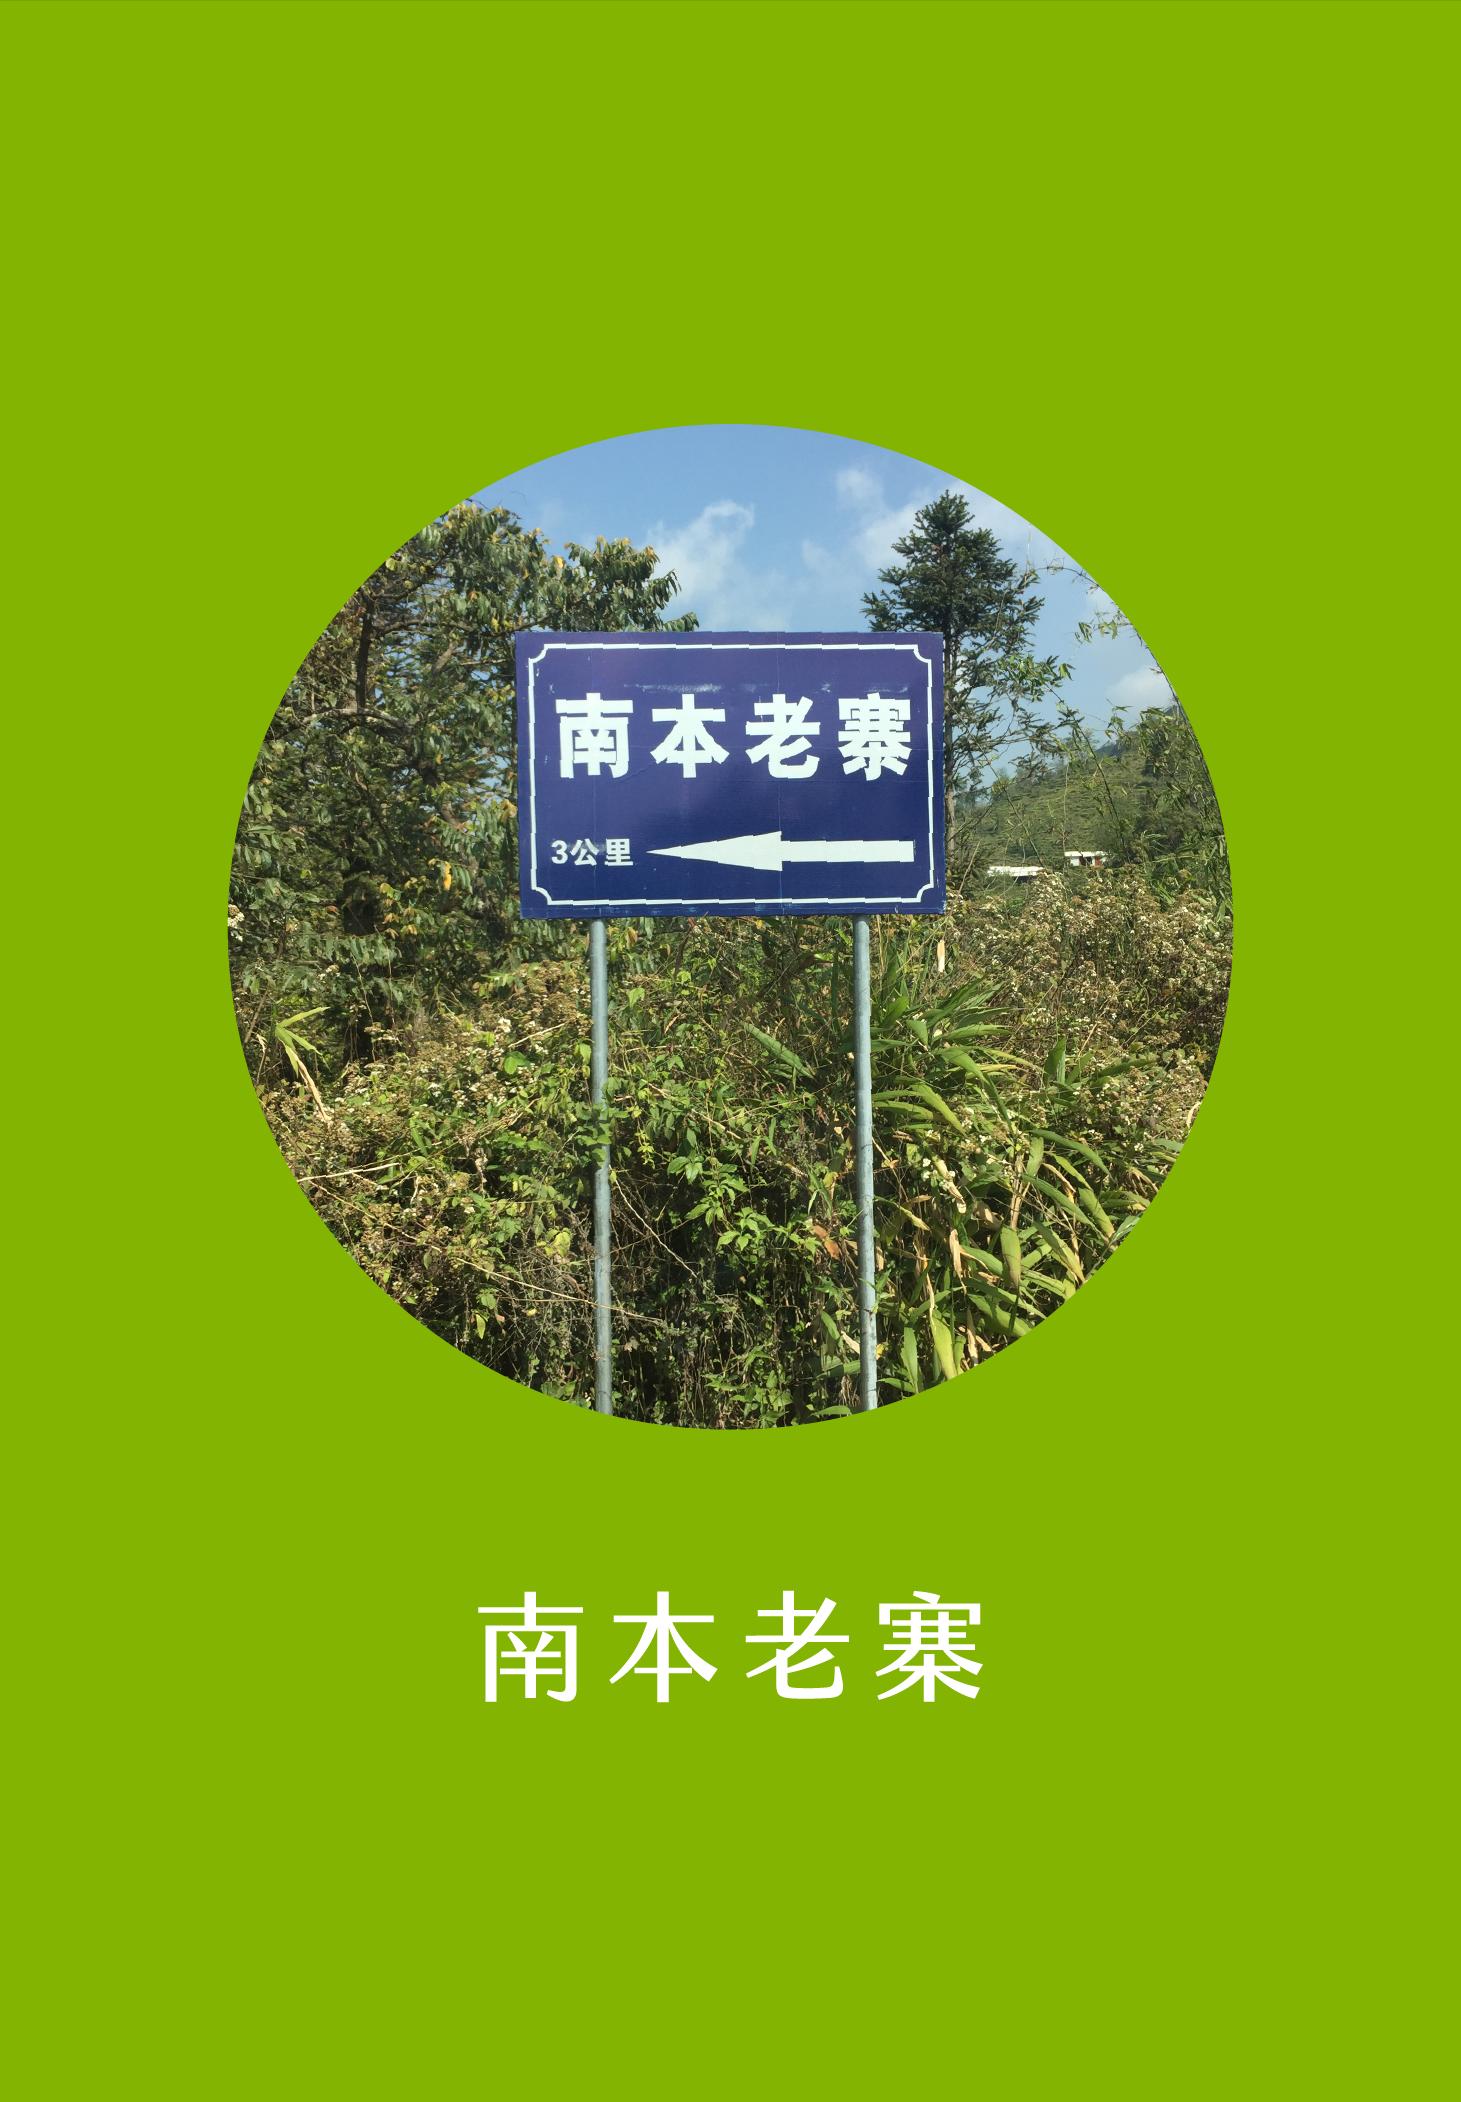 雨林南山老寨